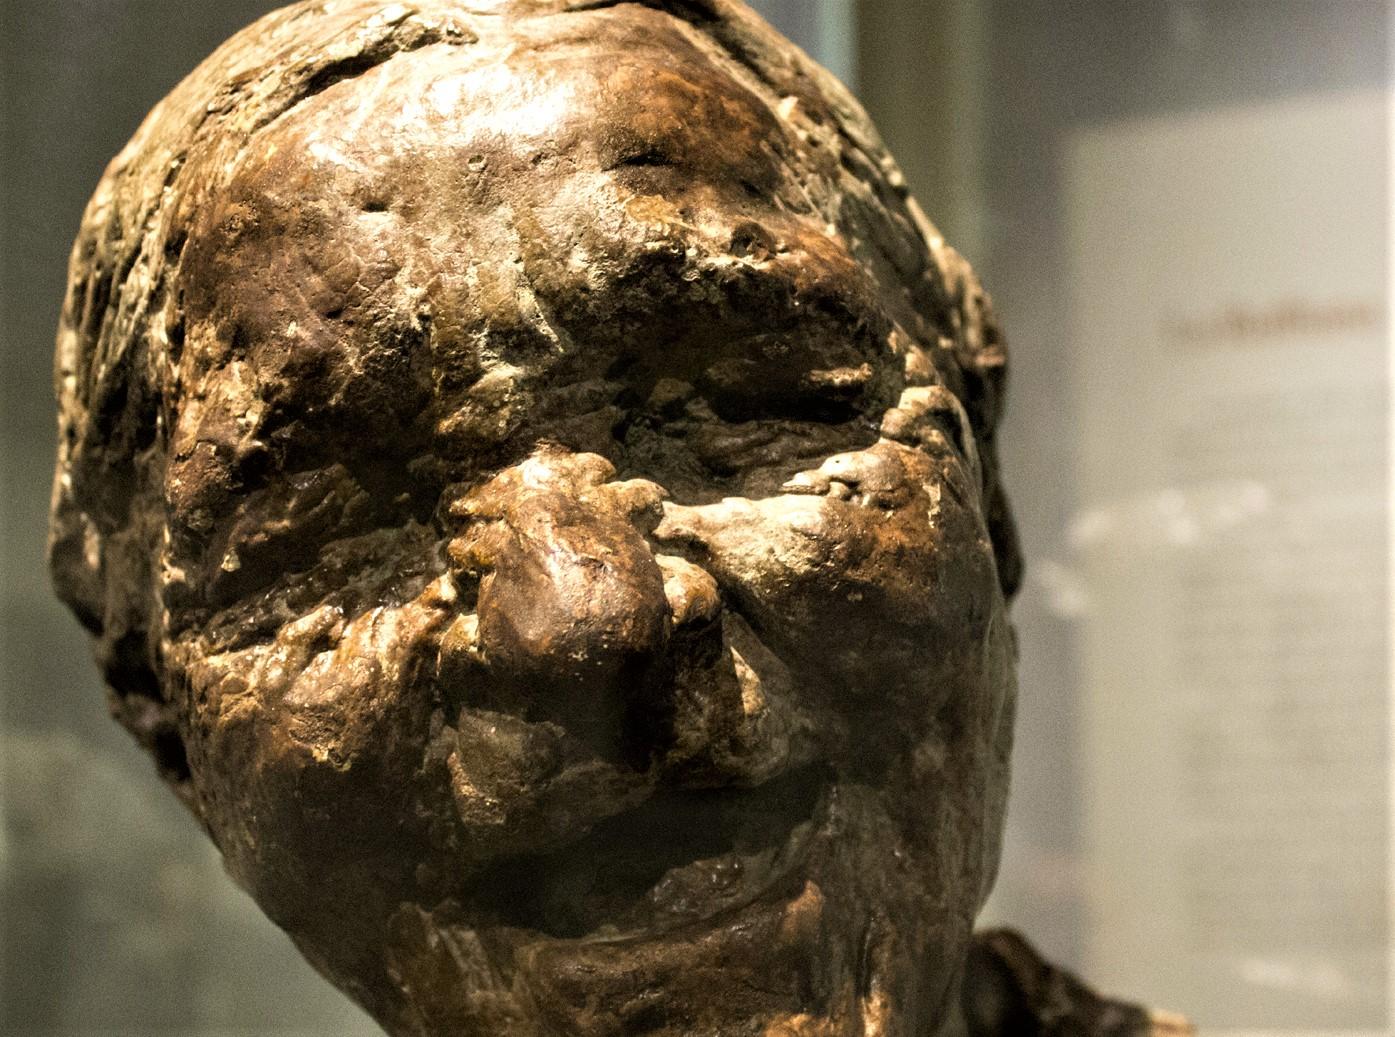 Domenica gratis al museo: ecco le mostre da non perdere a Roma